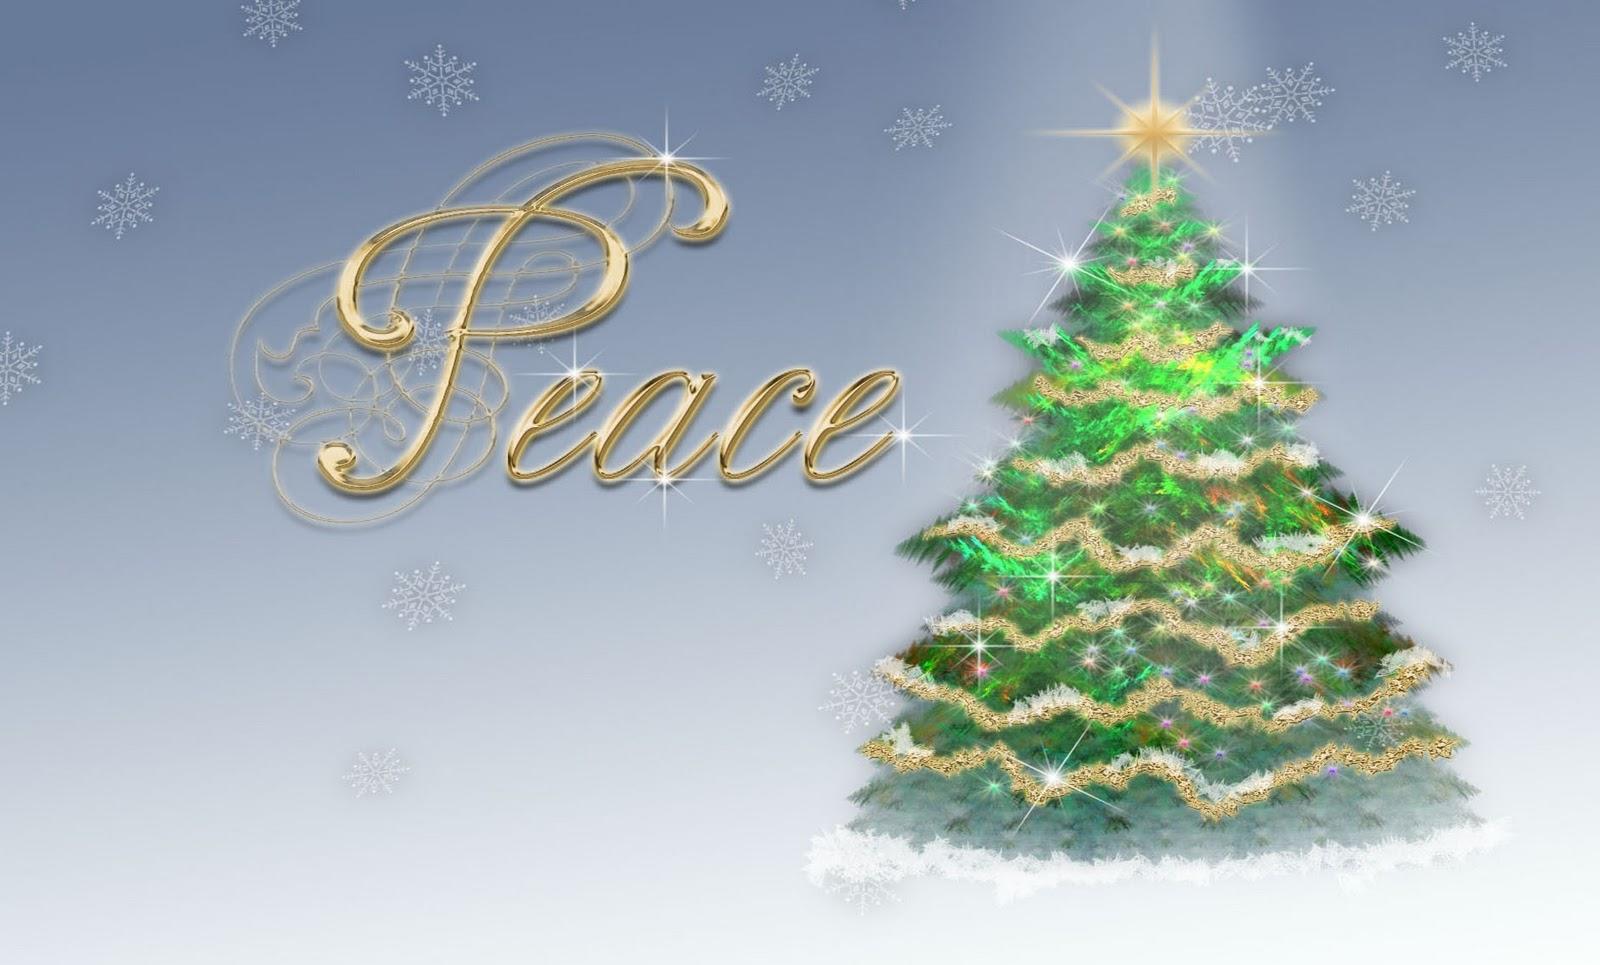 http://2.bp.blogspot.com/_Kpi0thIqeJI/TRHfjkB9TNI/AAAAAAAAA08/1Z72IVmrWFs/s1600/Christmas+HD+Wallpapers+1920x1200+%252819%2529.jpg